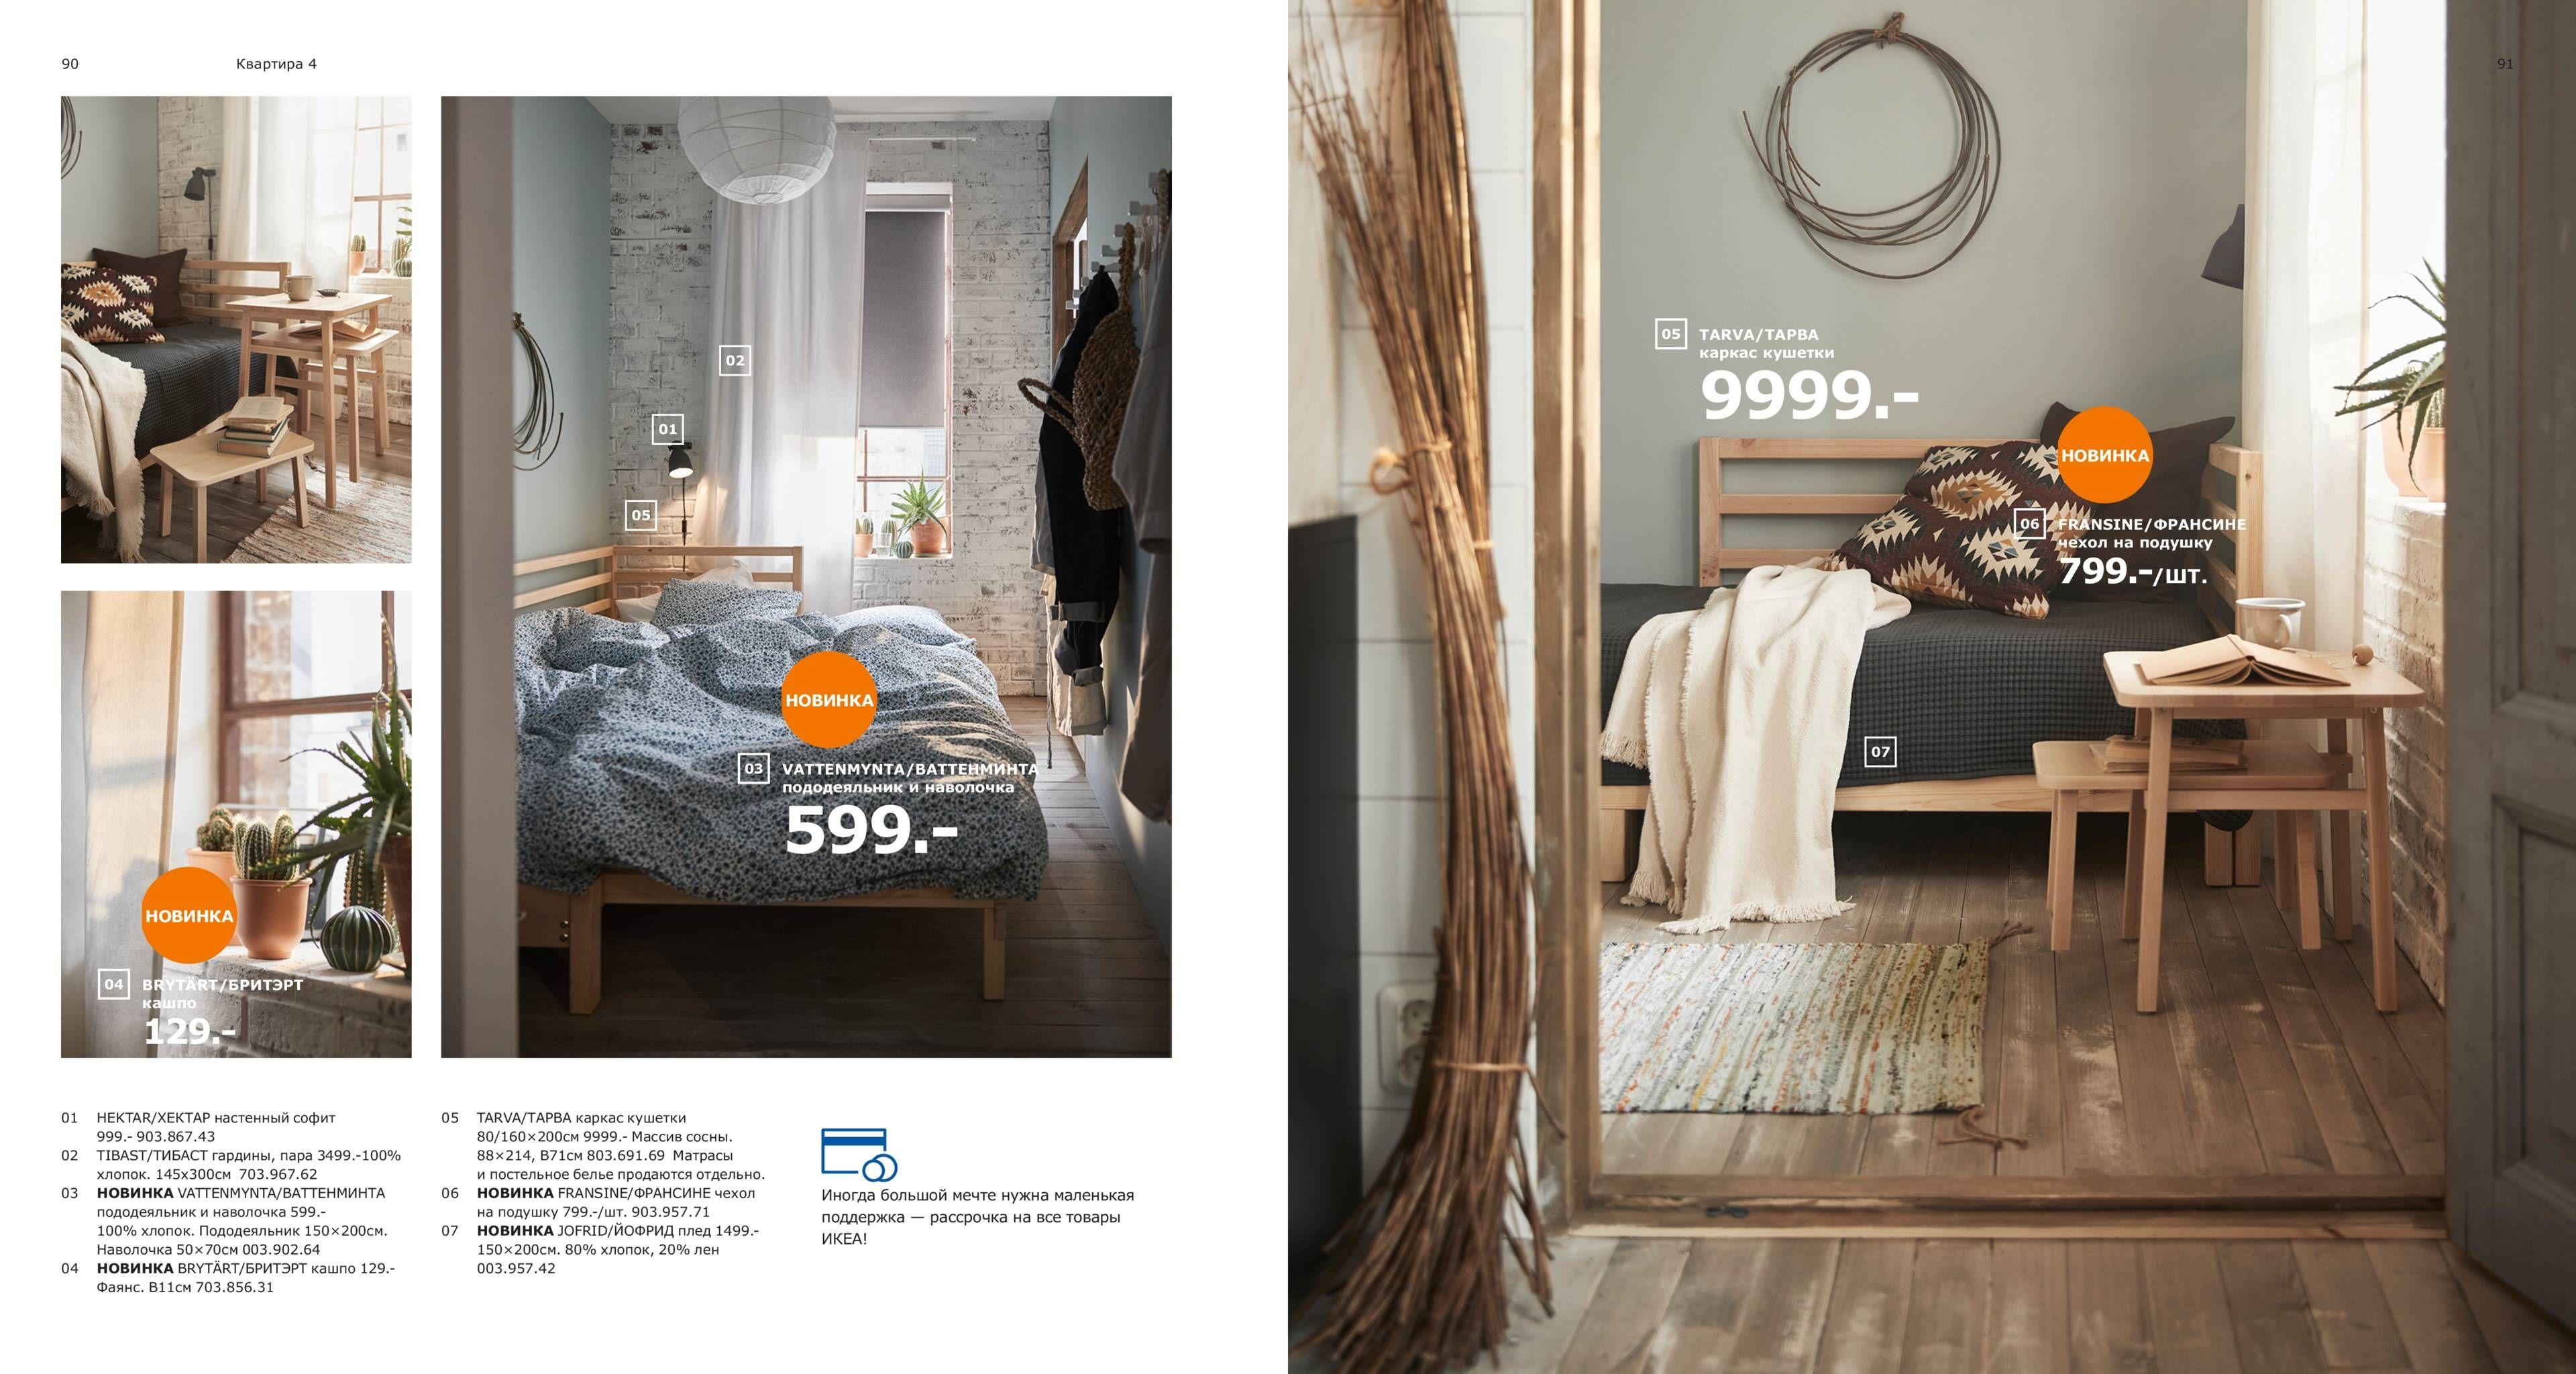 квартира 4 с любовью и заботой каталог икеа 2019 From Ikea